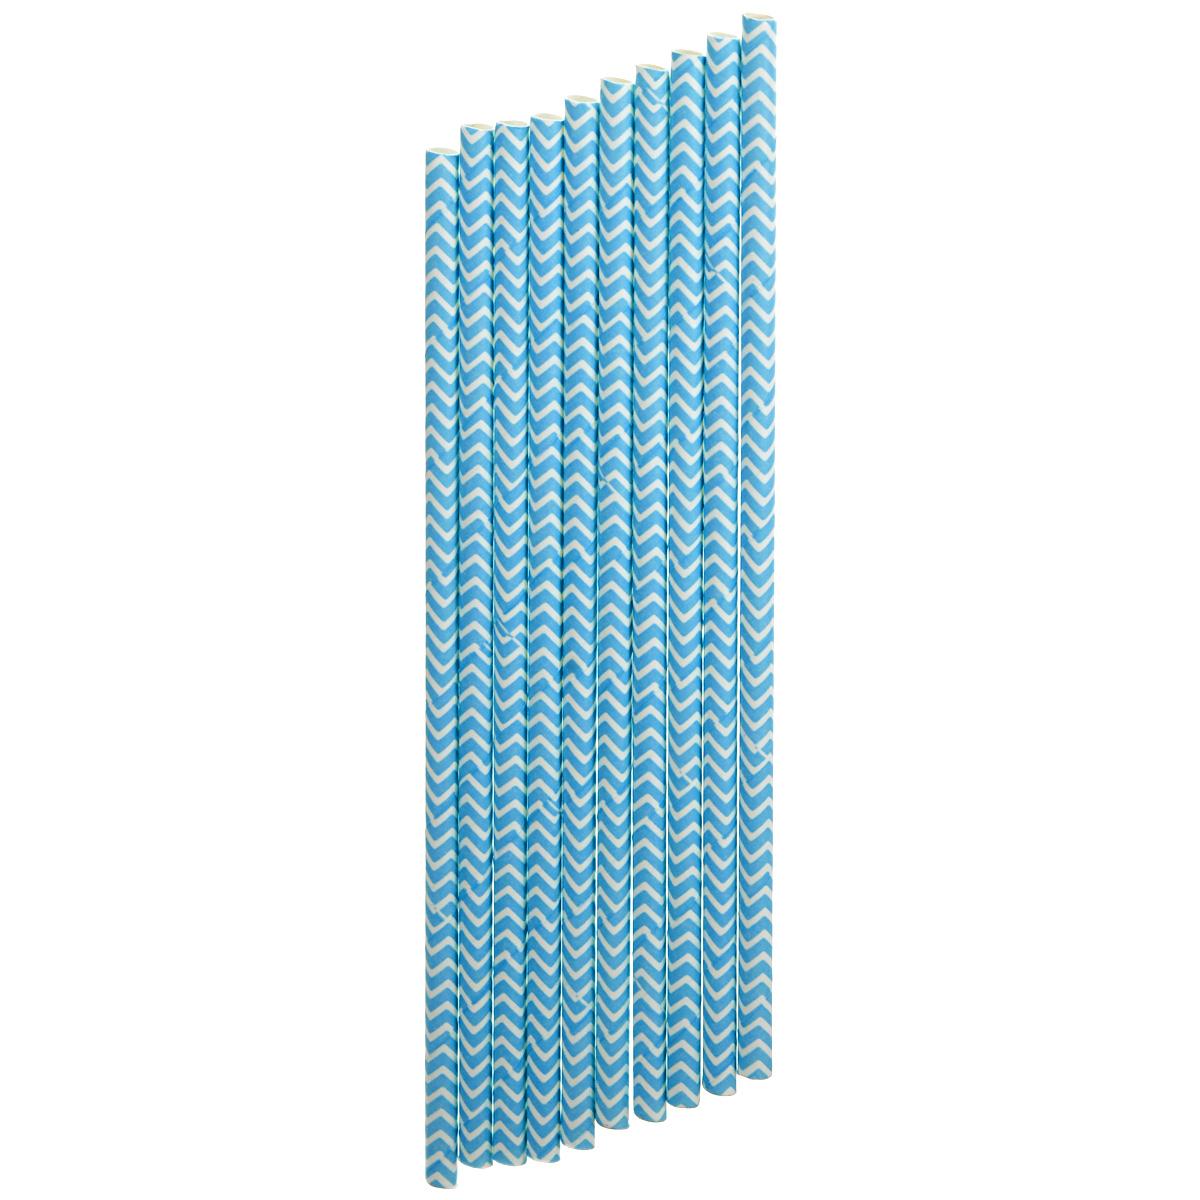 Набор бумажных трубочек Dolce Arti Шеврон, цвет: синий, 10 штDA040243Набор Dolce Arti Шеврон состоит из 10 бумажных трубочек, предназначенных для напитков. Цветные трубочки станут не только эффектным украшением коктейлей, но и ярким штрихом вашего сладкого стола. С набором Dolce Arti Шеврон ваш праздник станет по-настоящему красочным!Длина трубочки: 19,5 см. Диаметр трубочки: 5 мм.